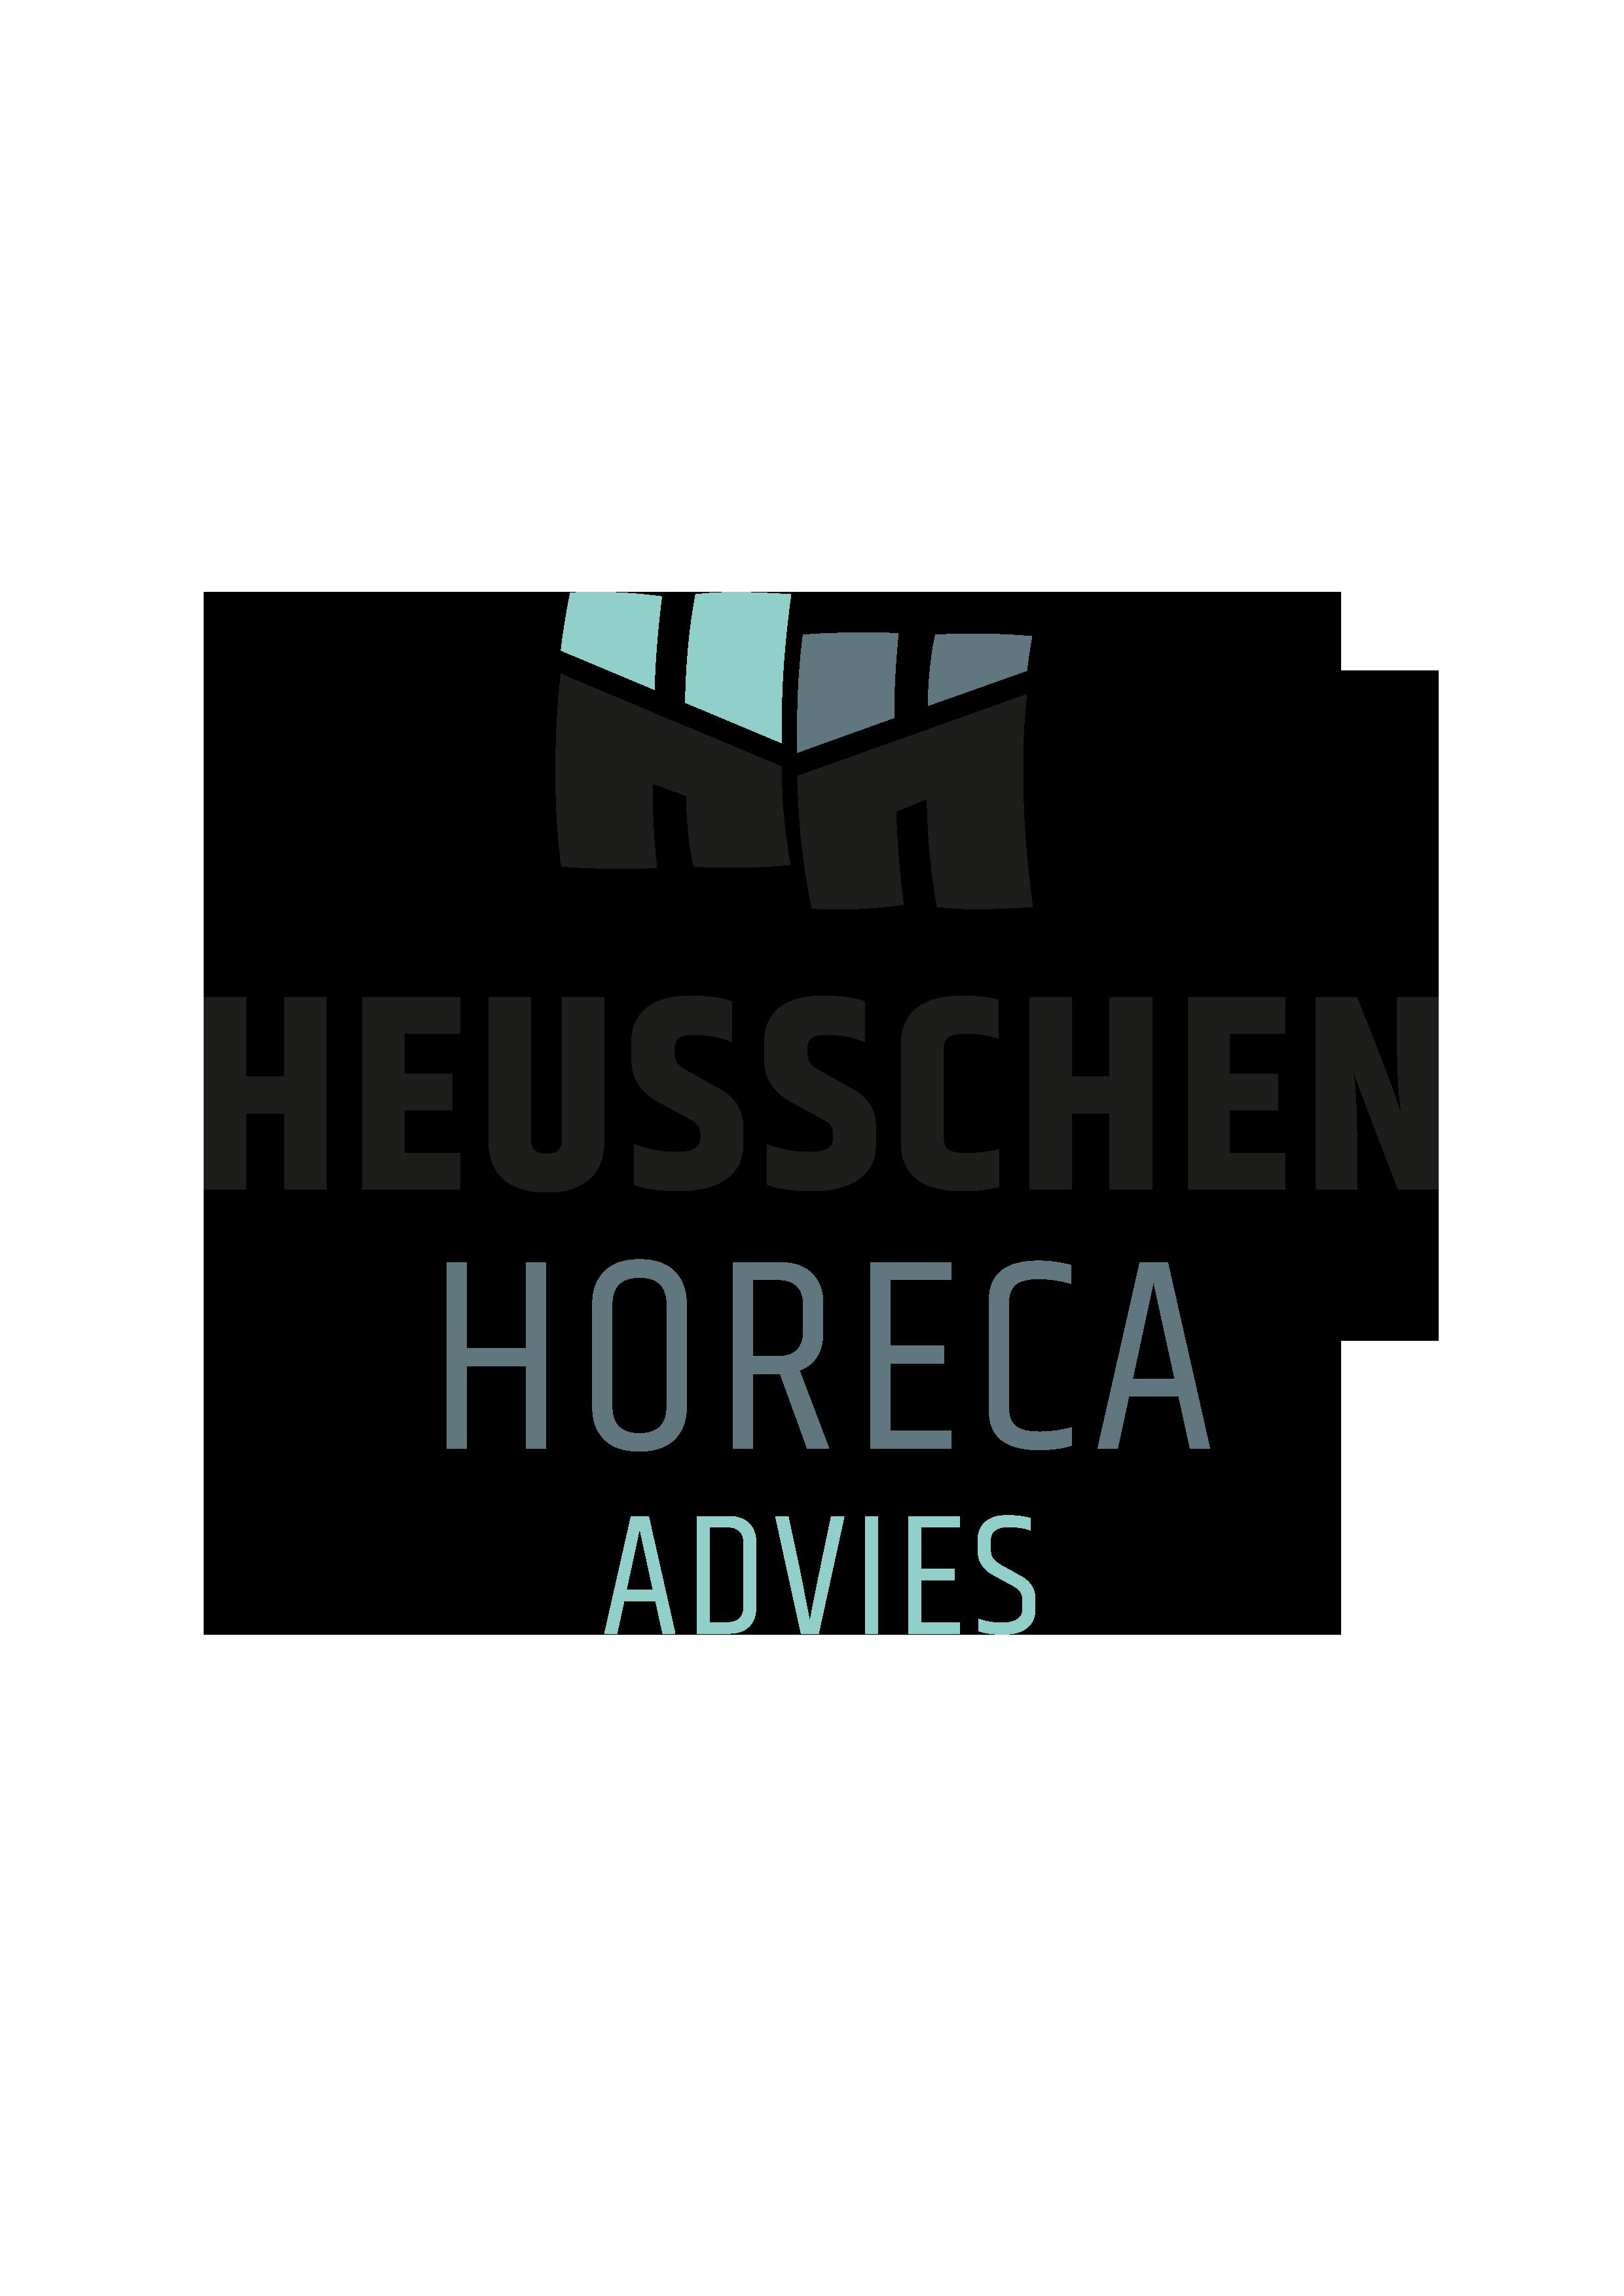 Heusschen Horeca